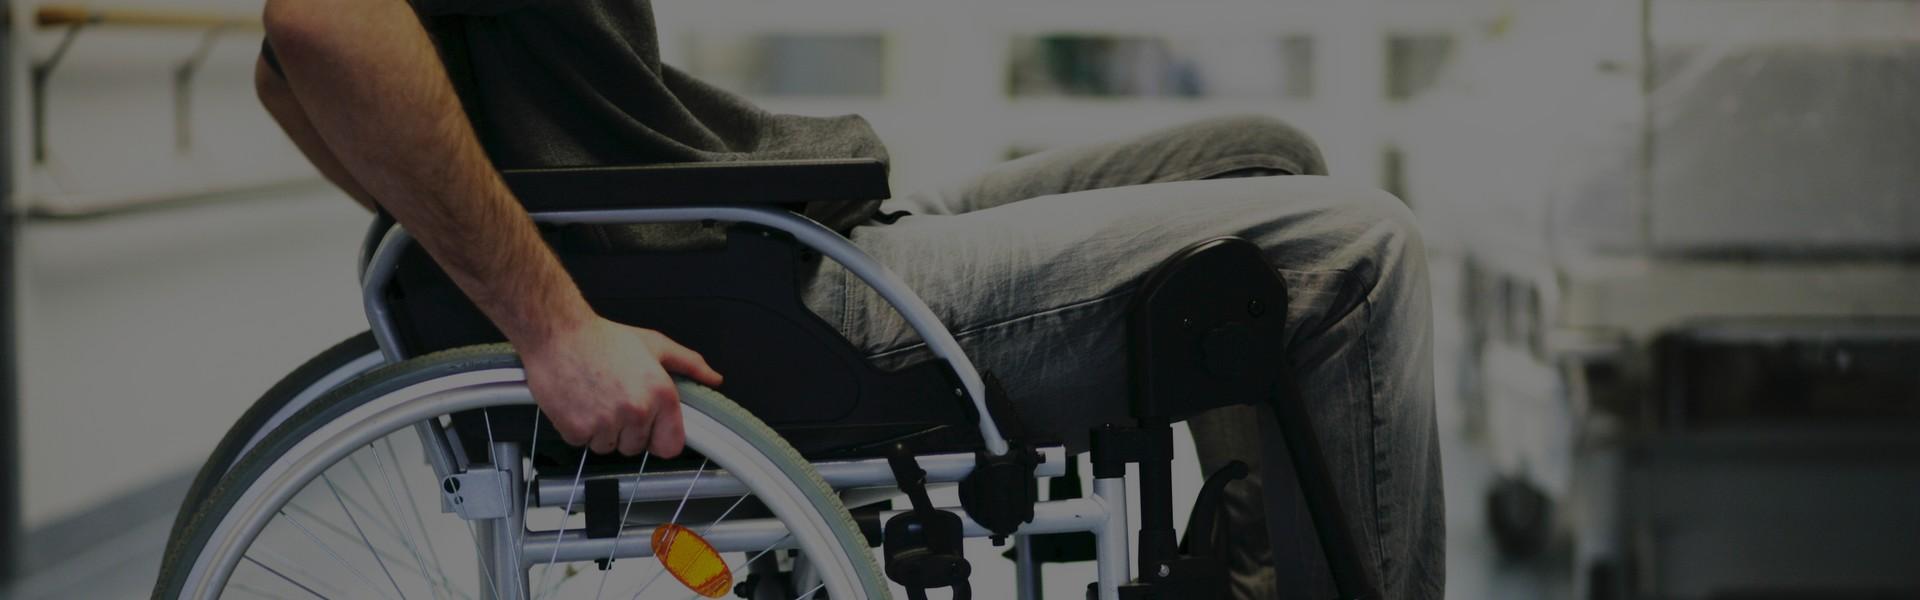 Umzug-Umzugsunternehmen-Pflege-Patienten-Foerderung